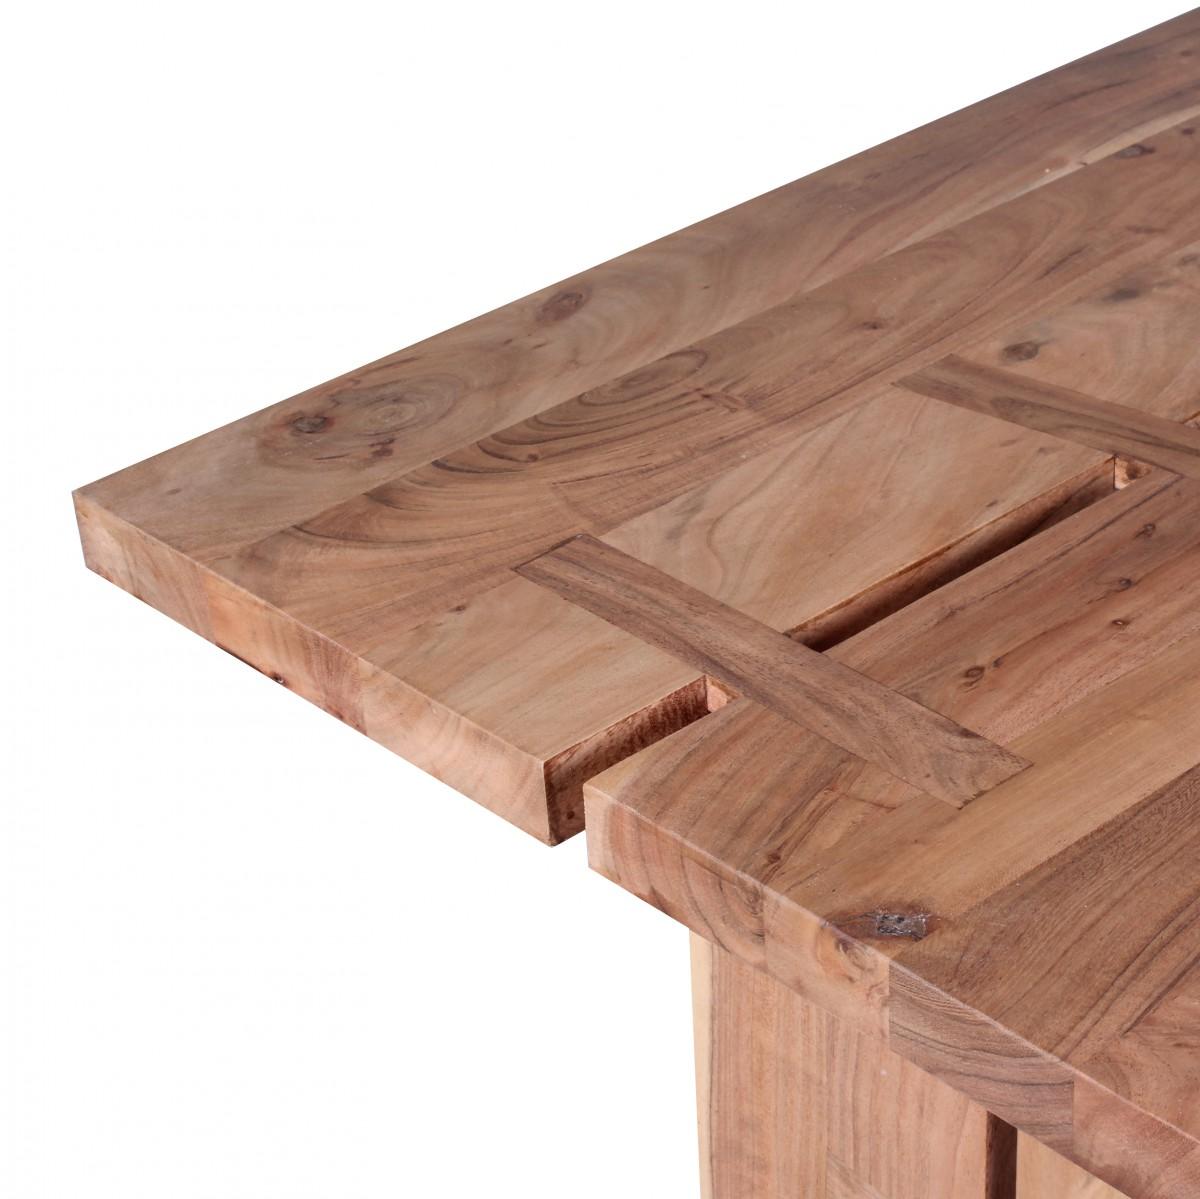 wohnling esstisch massivholz akazie 120 cm esszimmer tisch k chentisch design holztisch landhaus. Black Bedroom Furniture Sets. Home Design Ideas